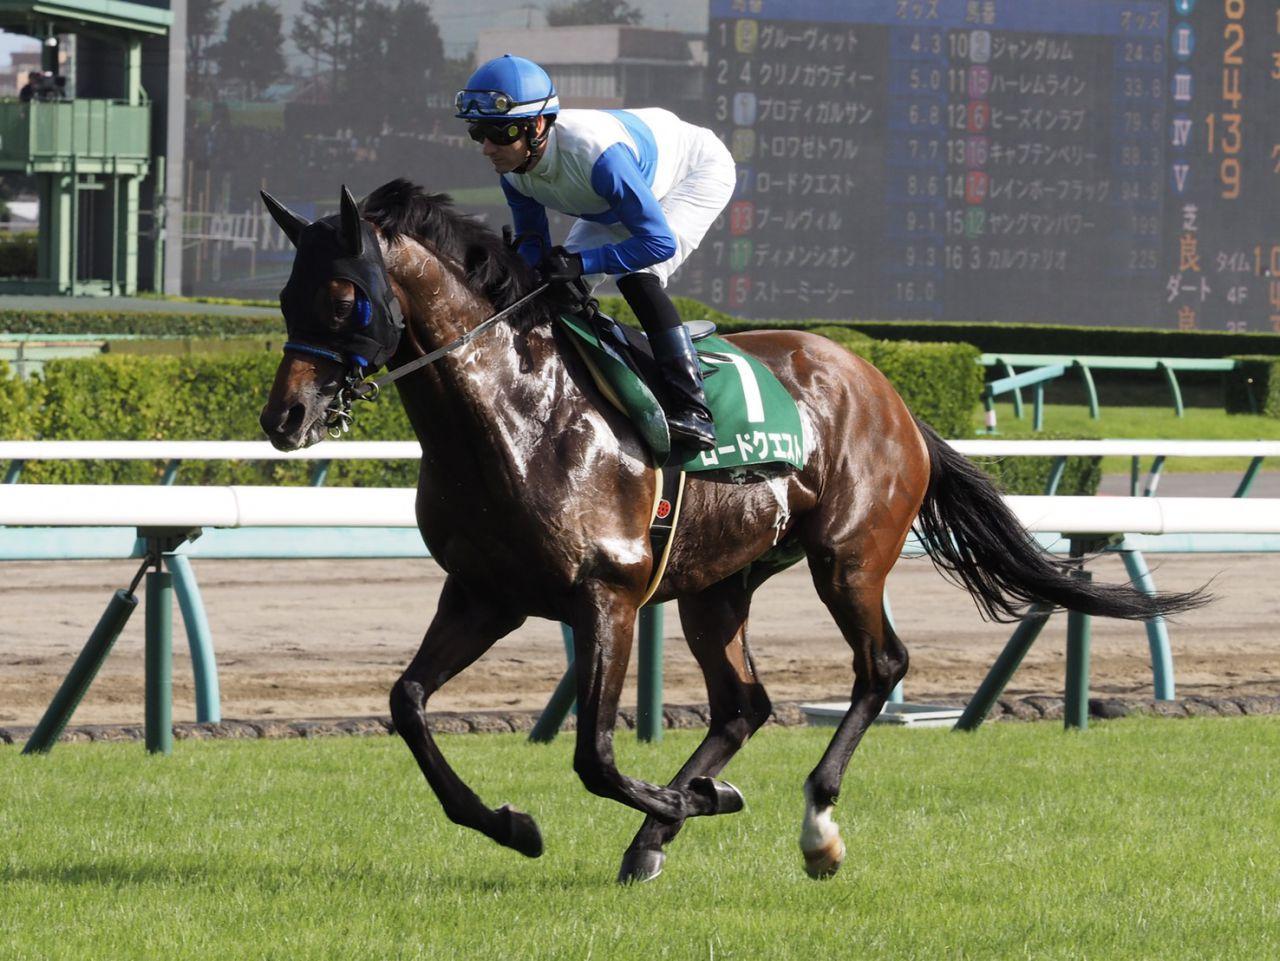 【セントウルS】武豊「いつもの走りでは…」レース後ジョッキーコメント